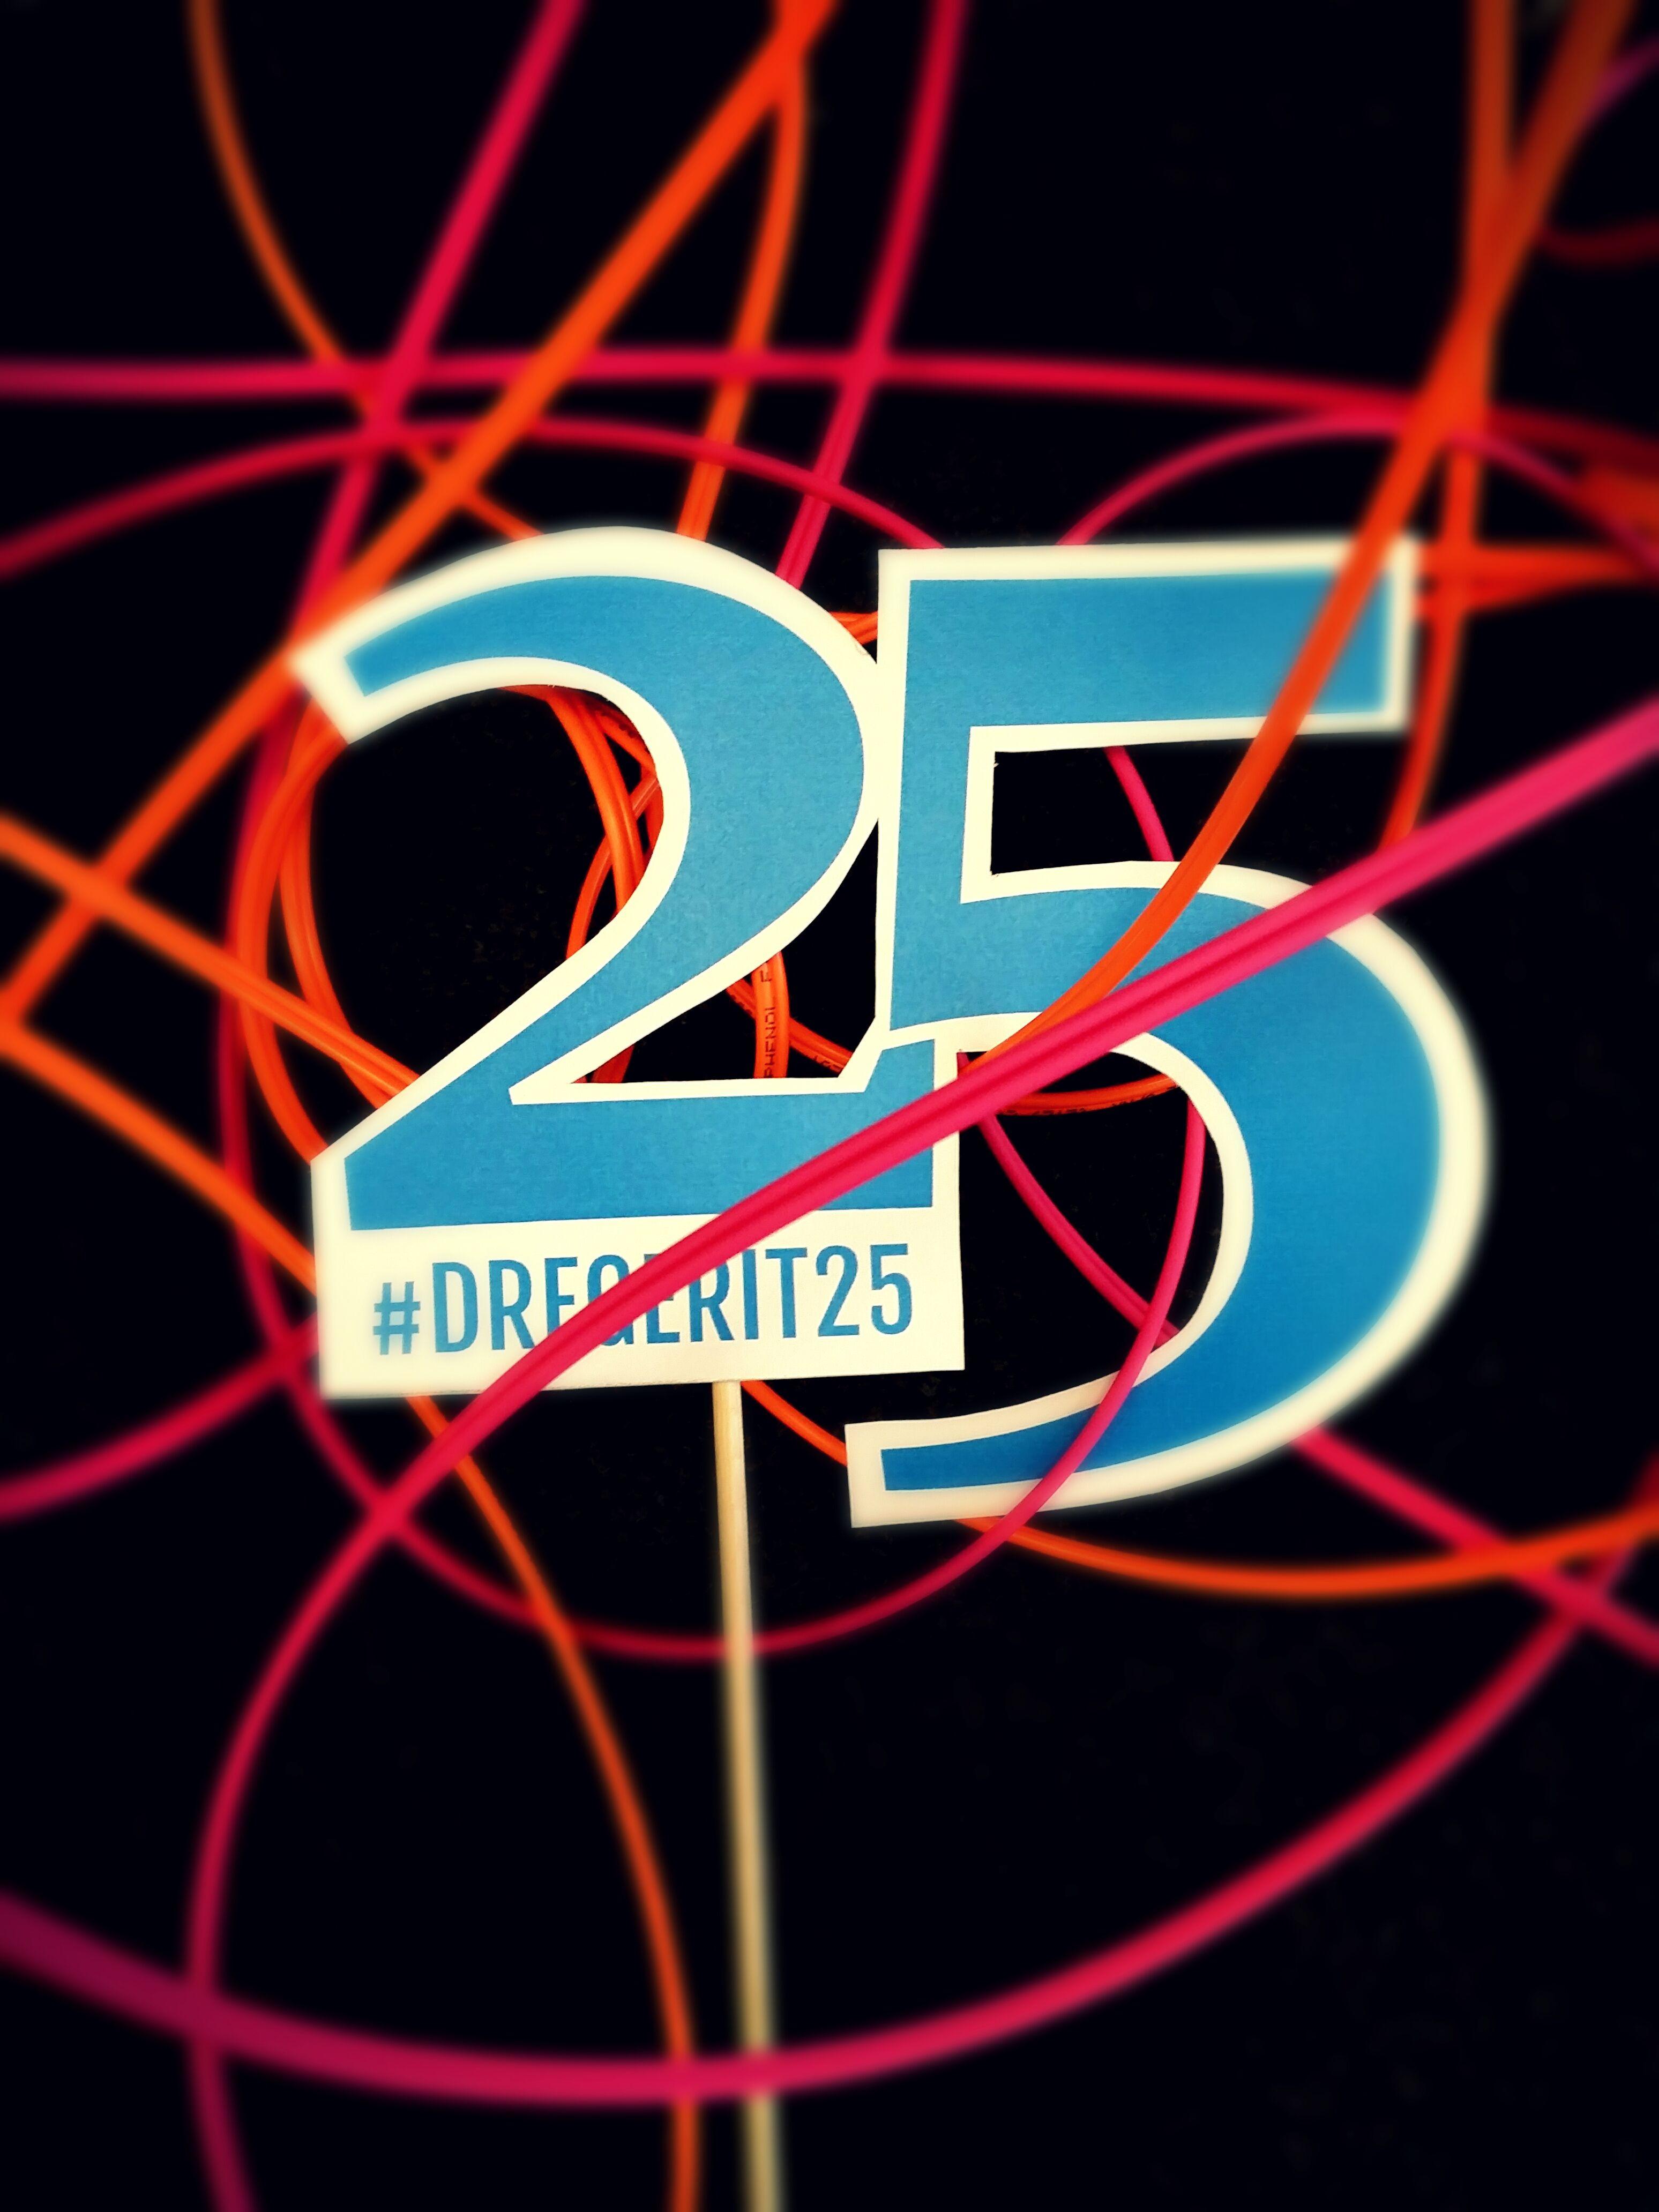 25 Jahre DREGER IT - 25 Jahre Netzwerk und Verkabelung #DREGERIT25 ...